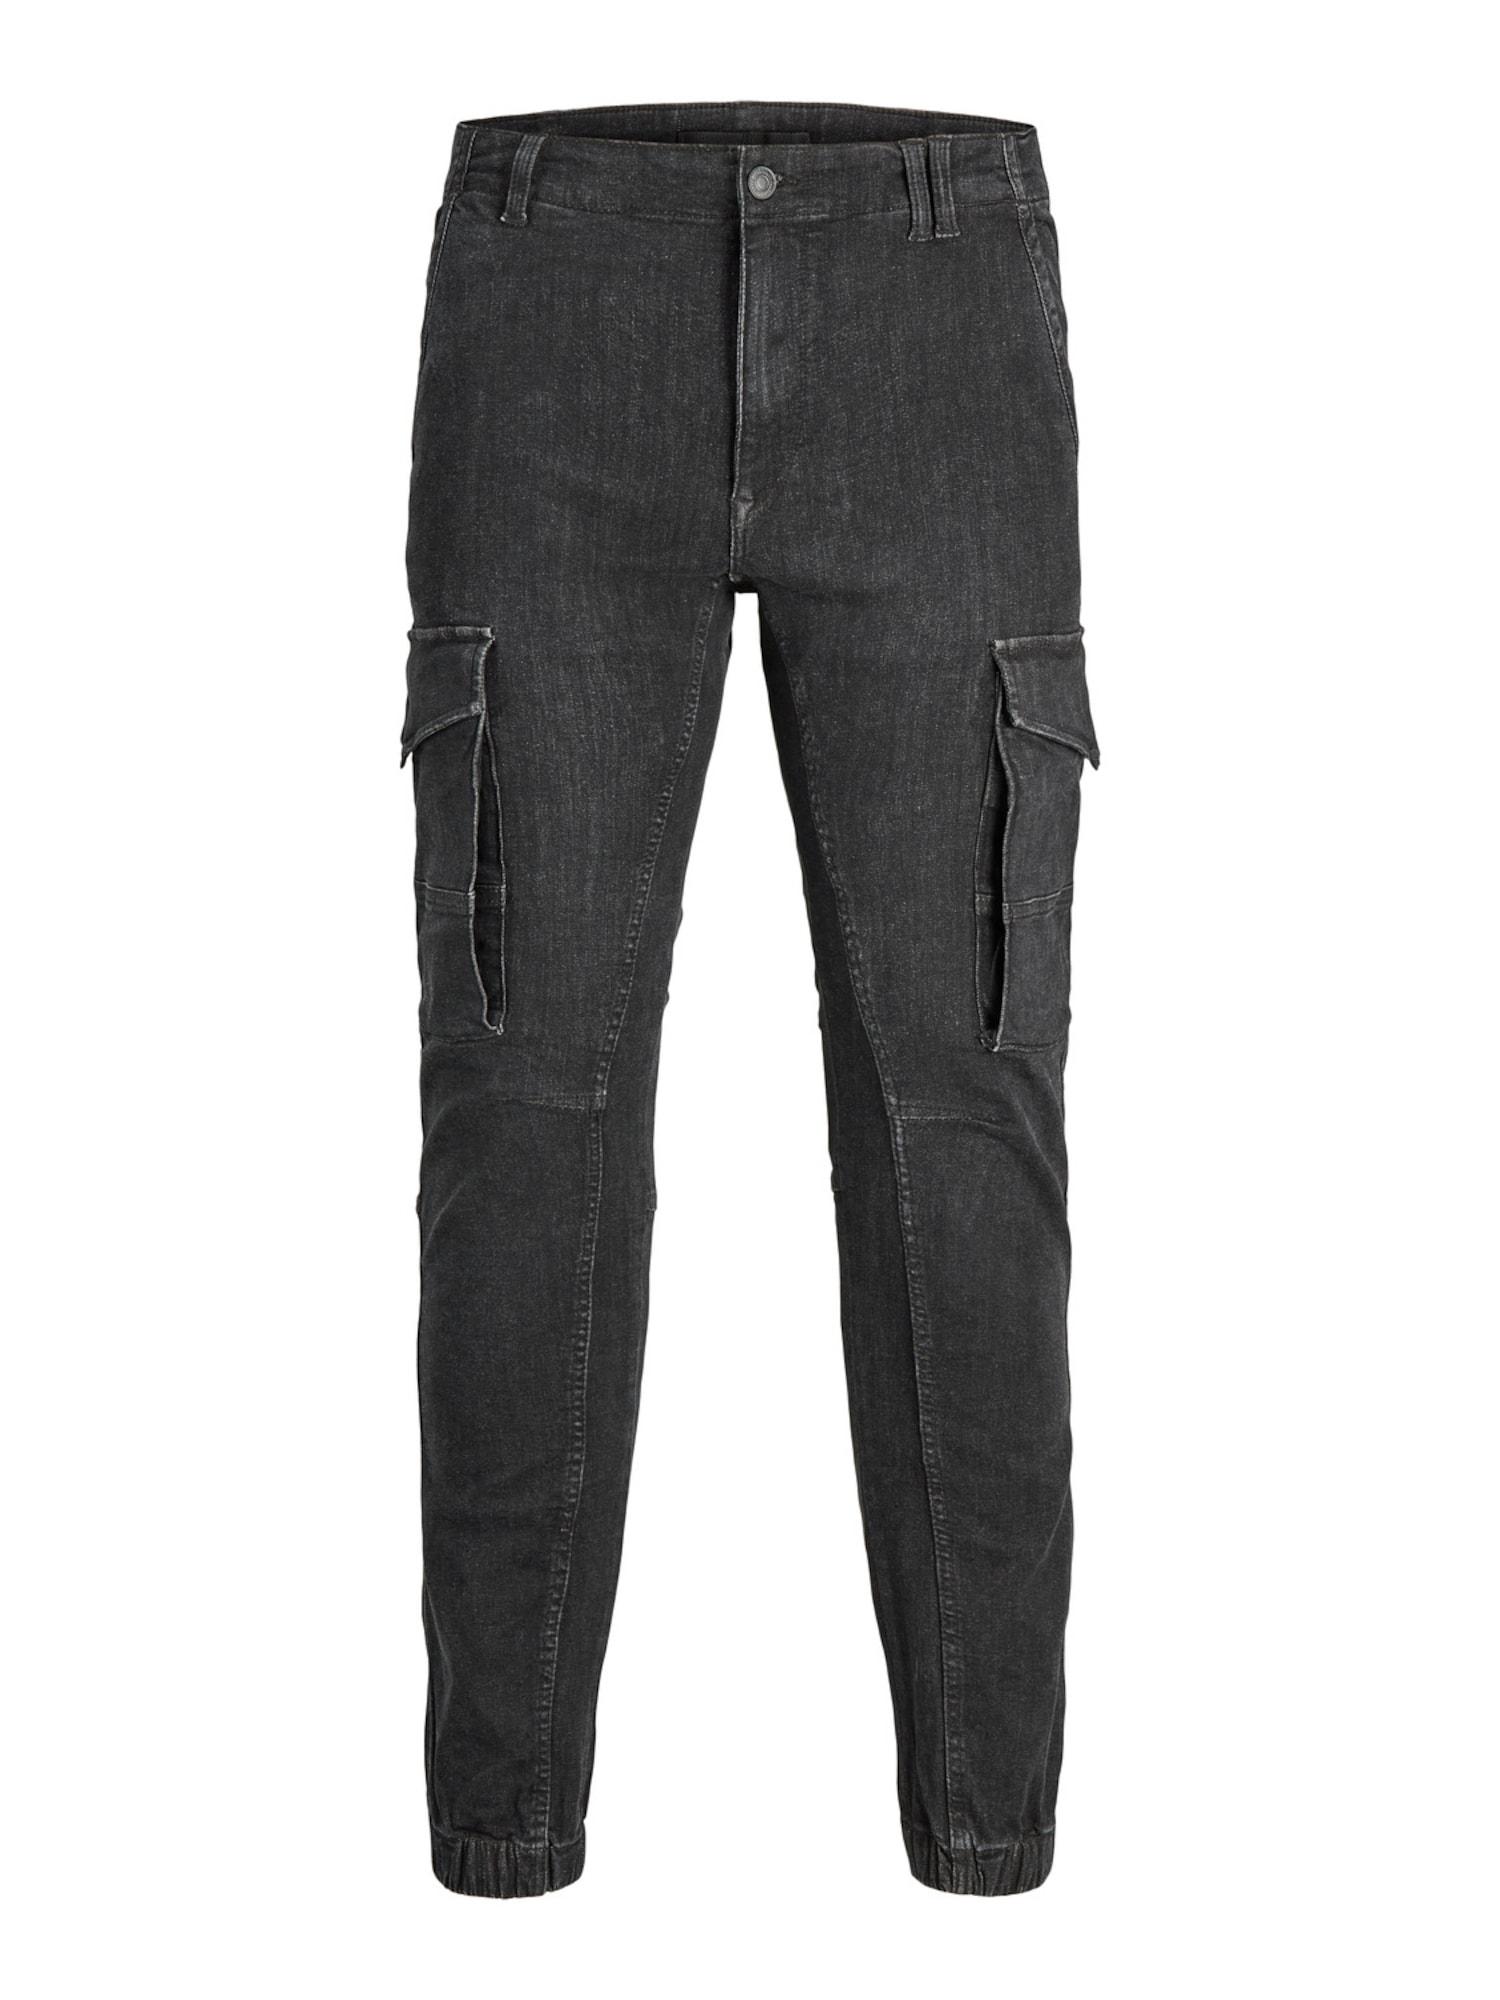 JACK & JONES Darbinio stiliaus džinsai